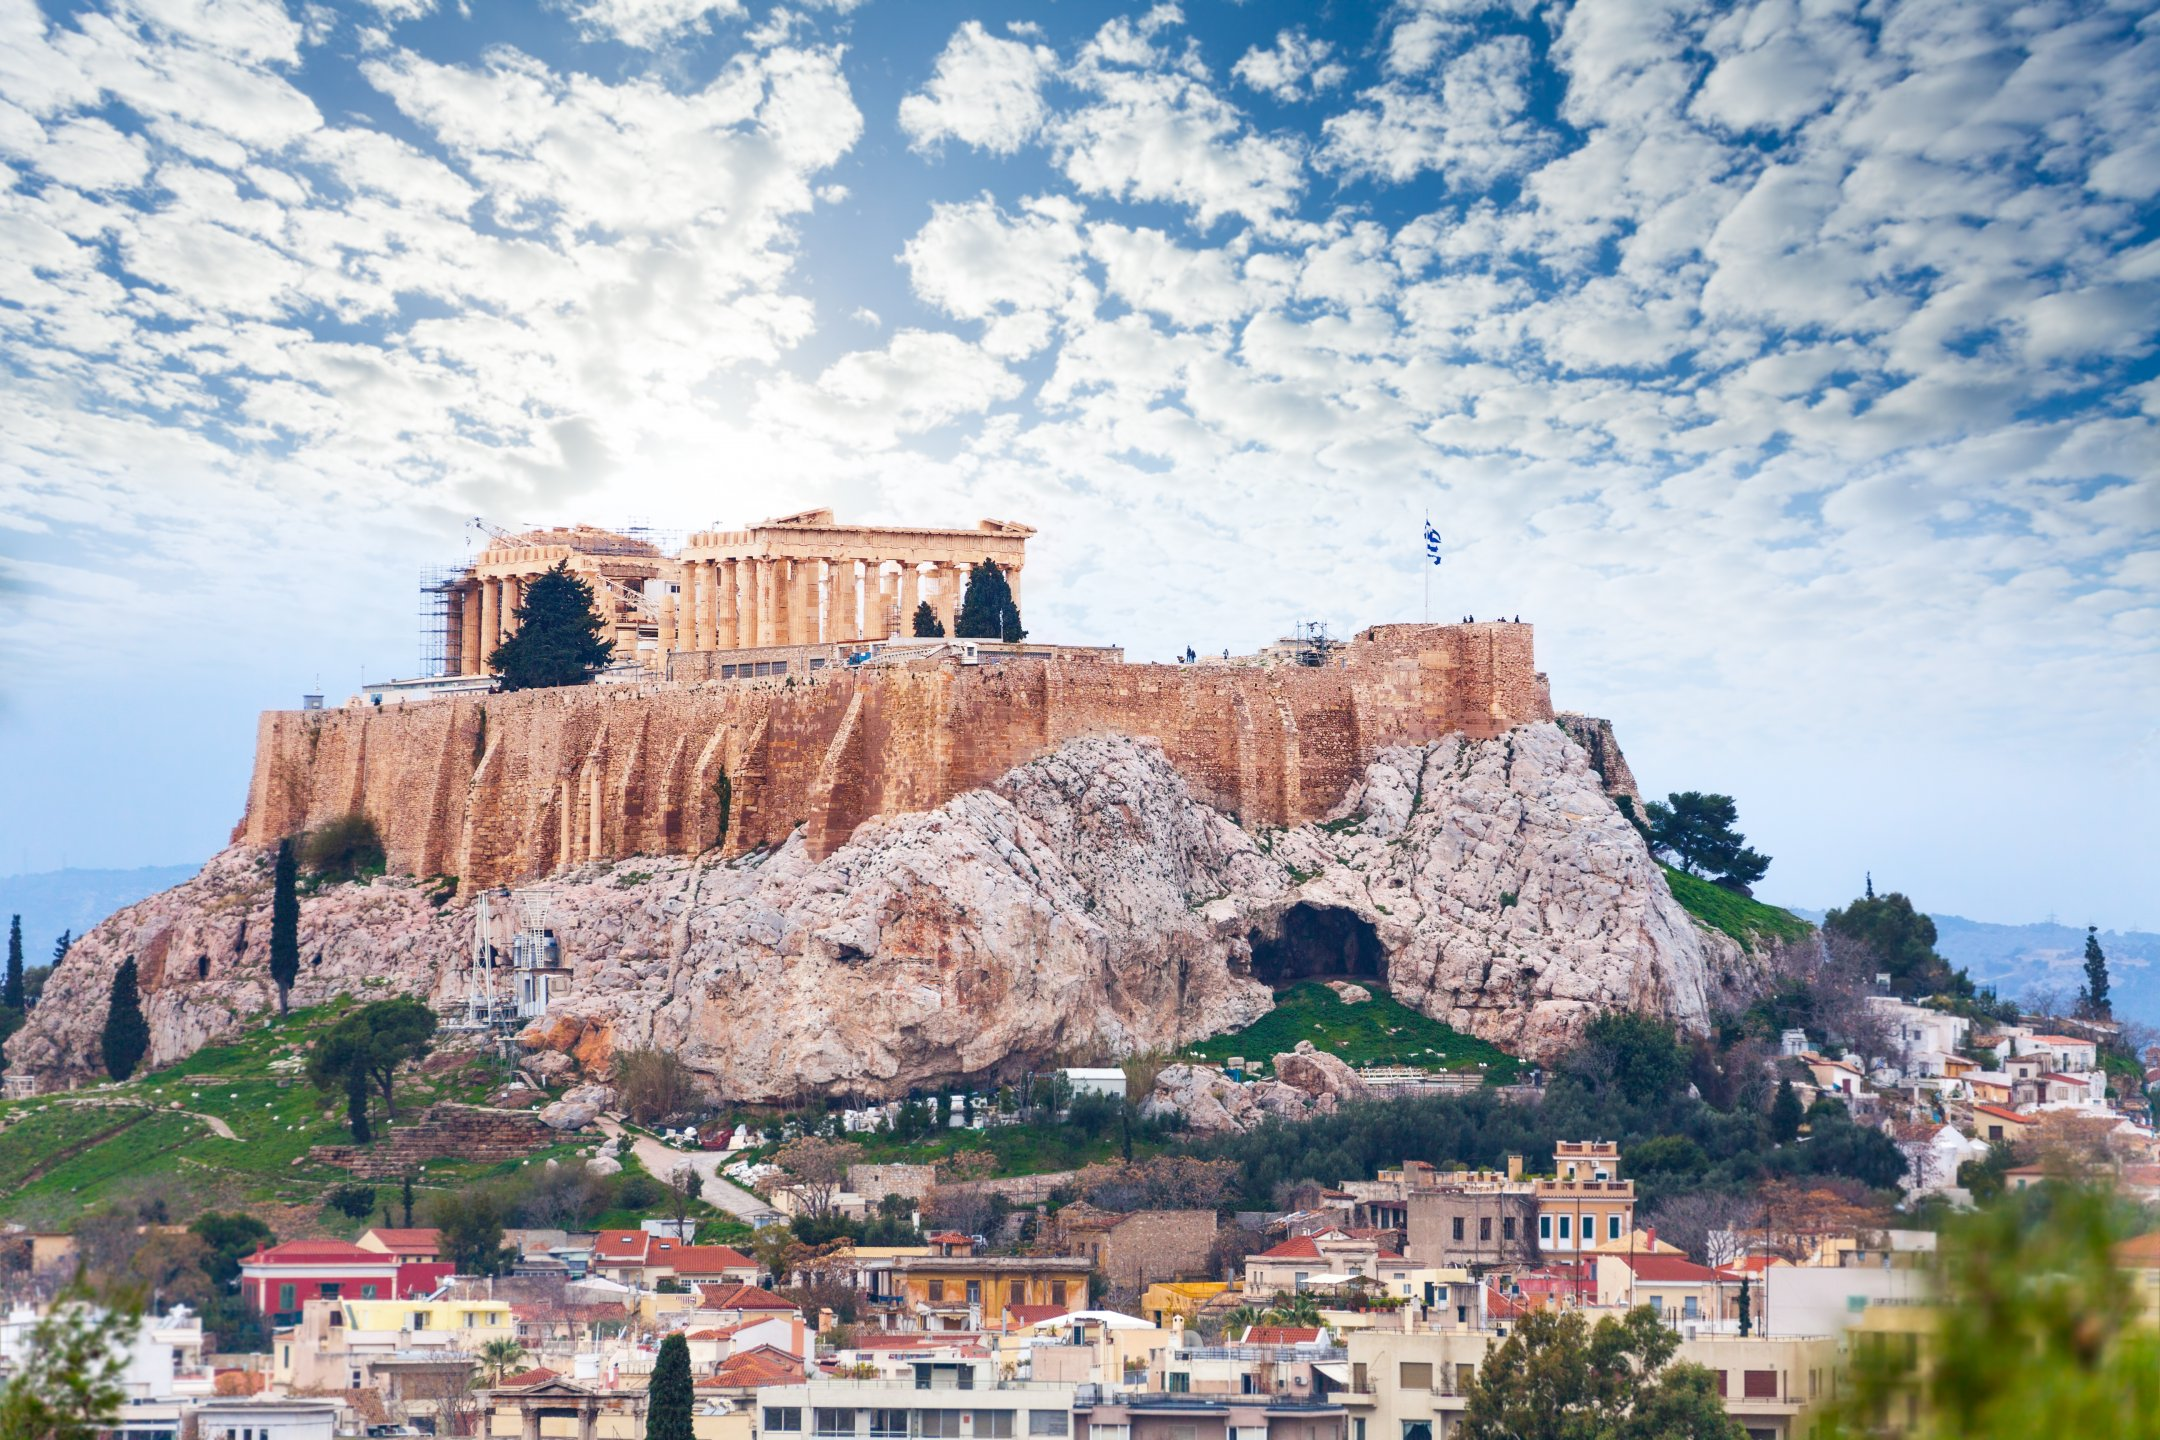 Parthenon of Acropolis in Athens, Greece